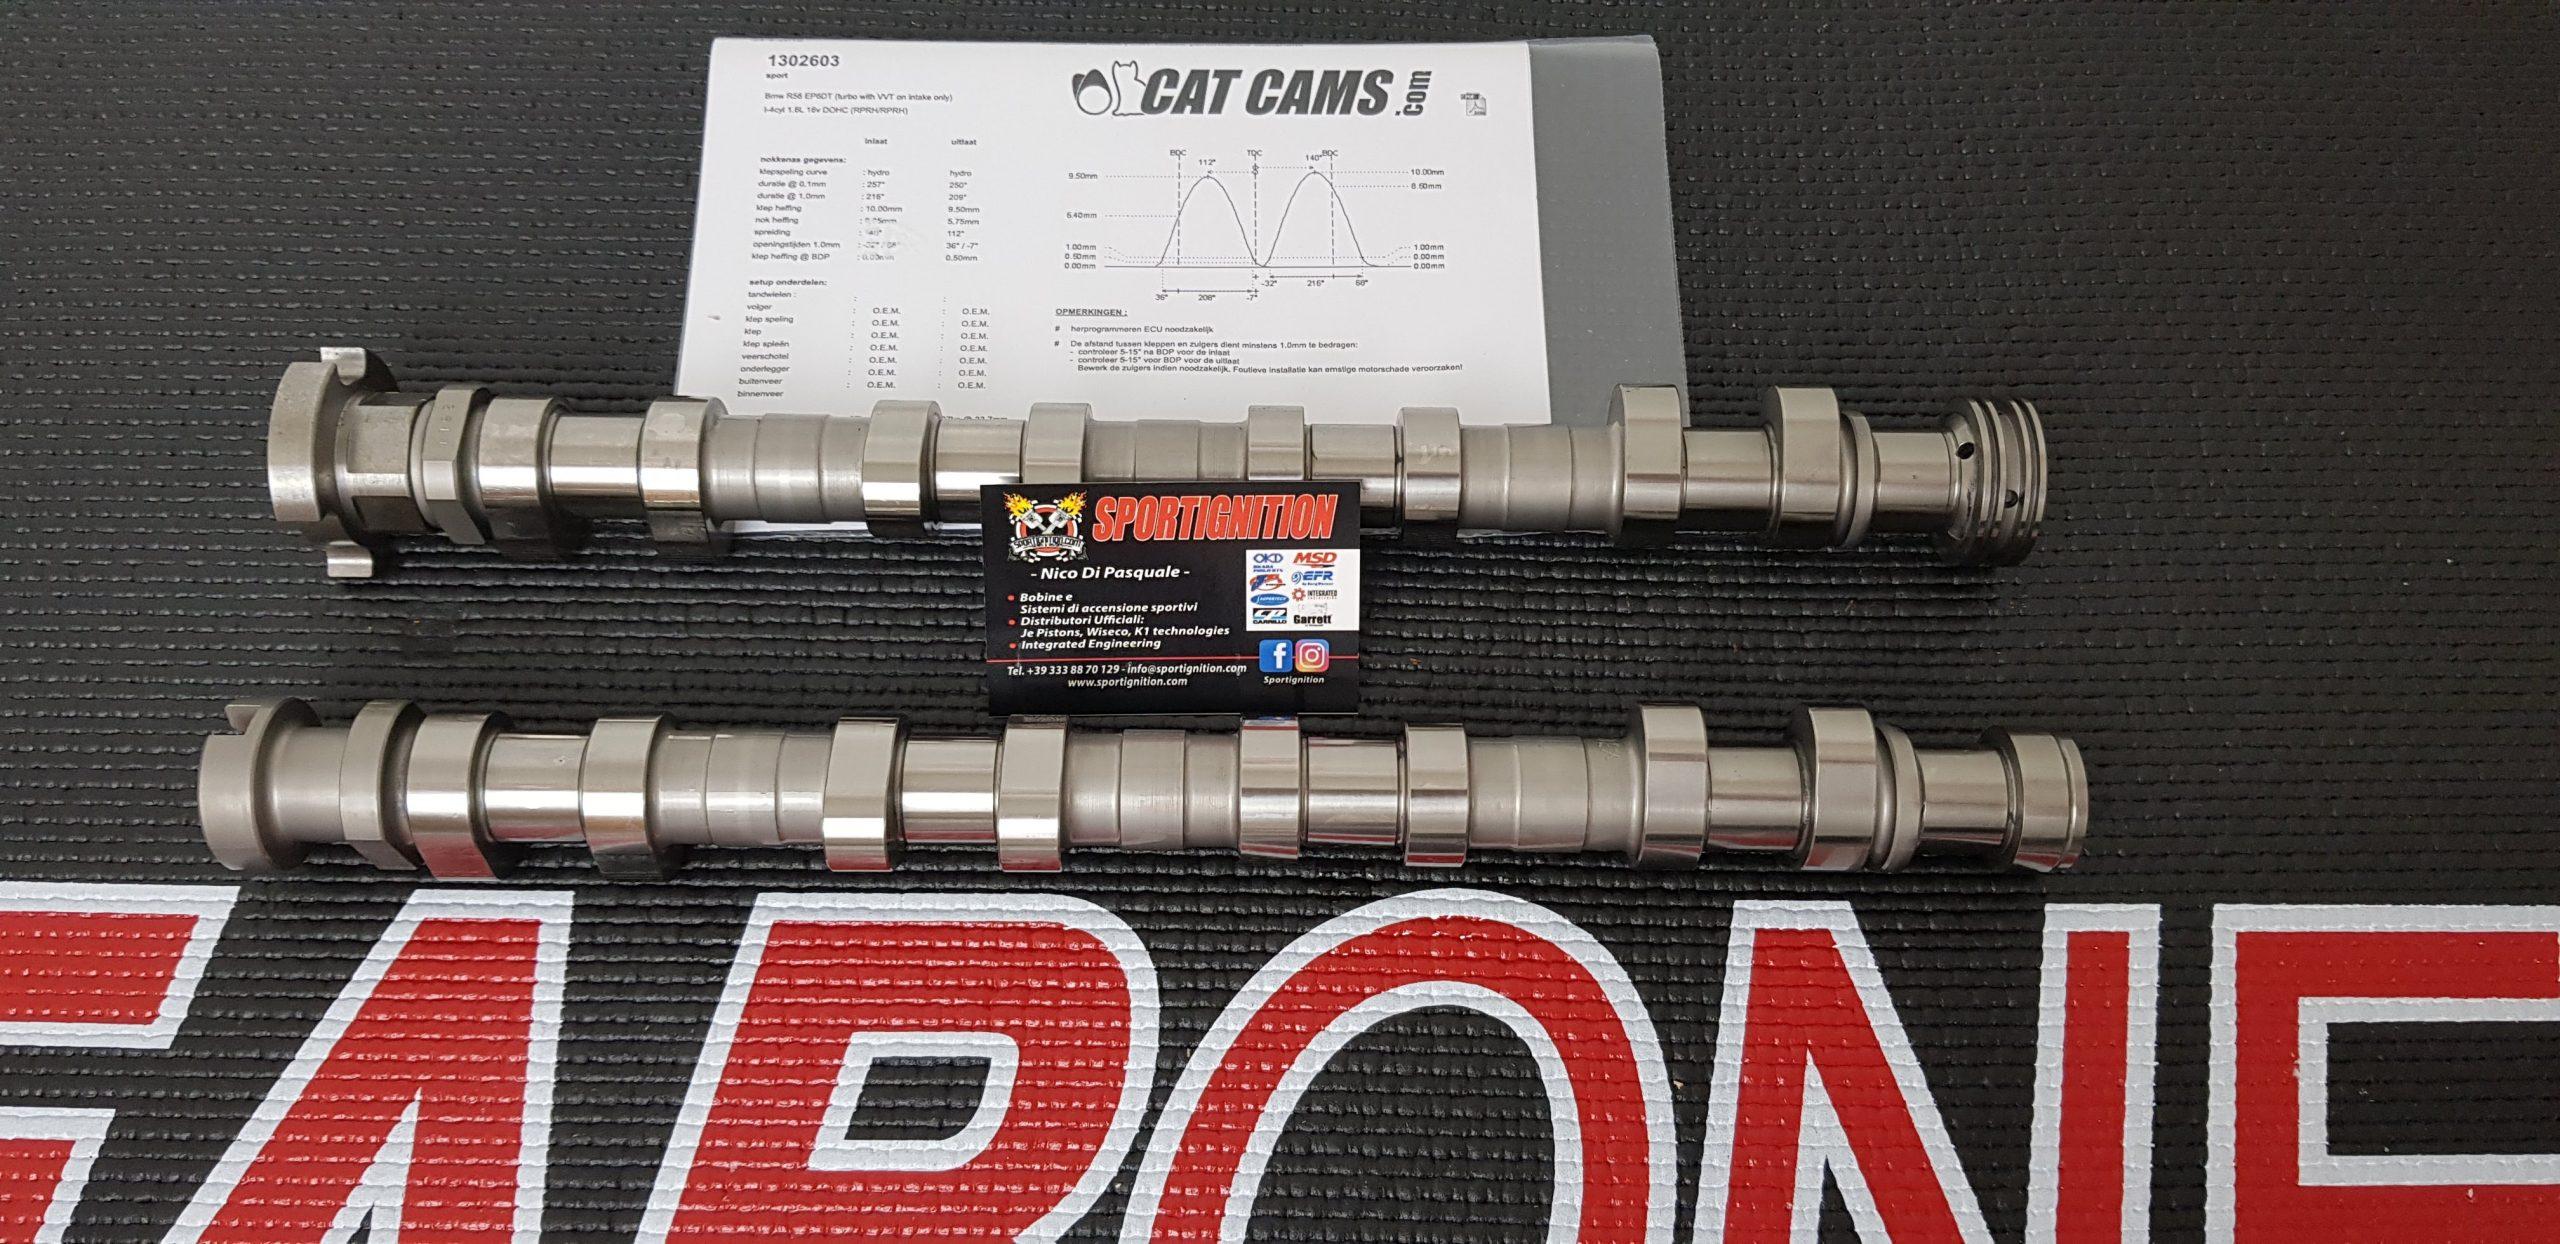 Catcams 1302602 Sportignition Mini Cooper r56